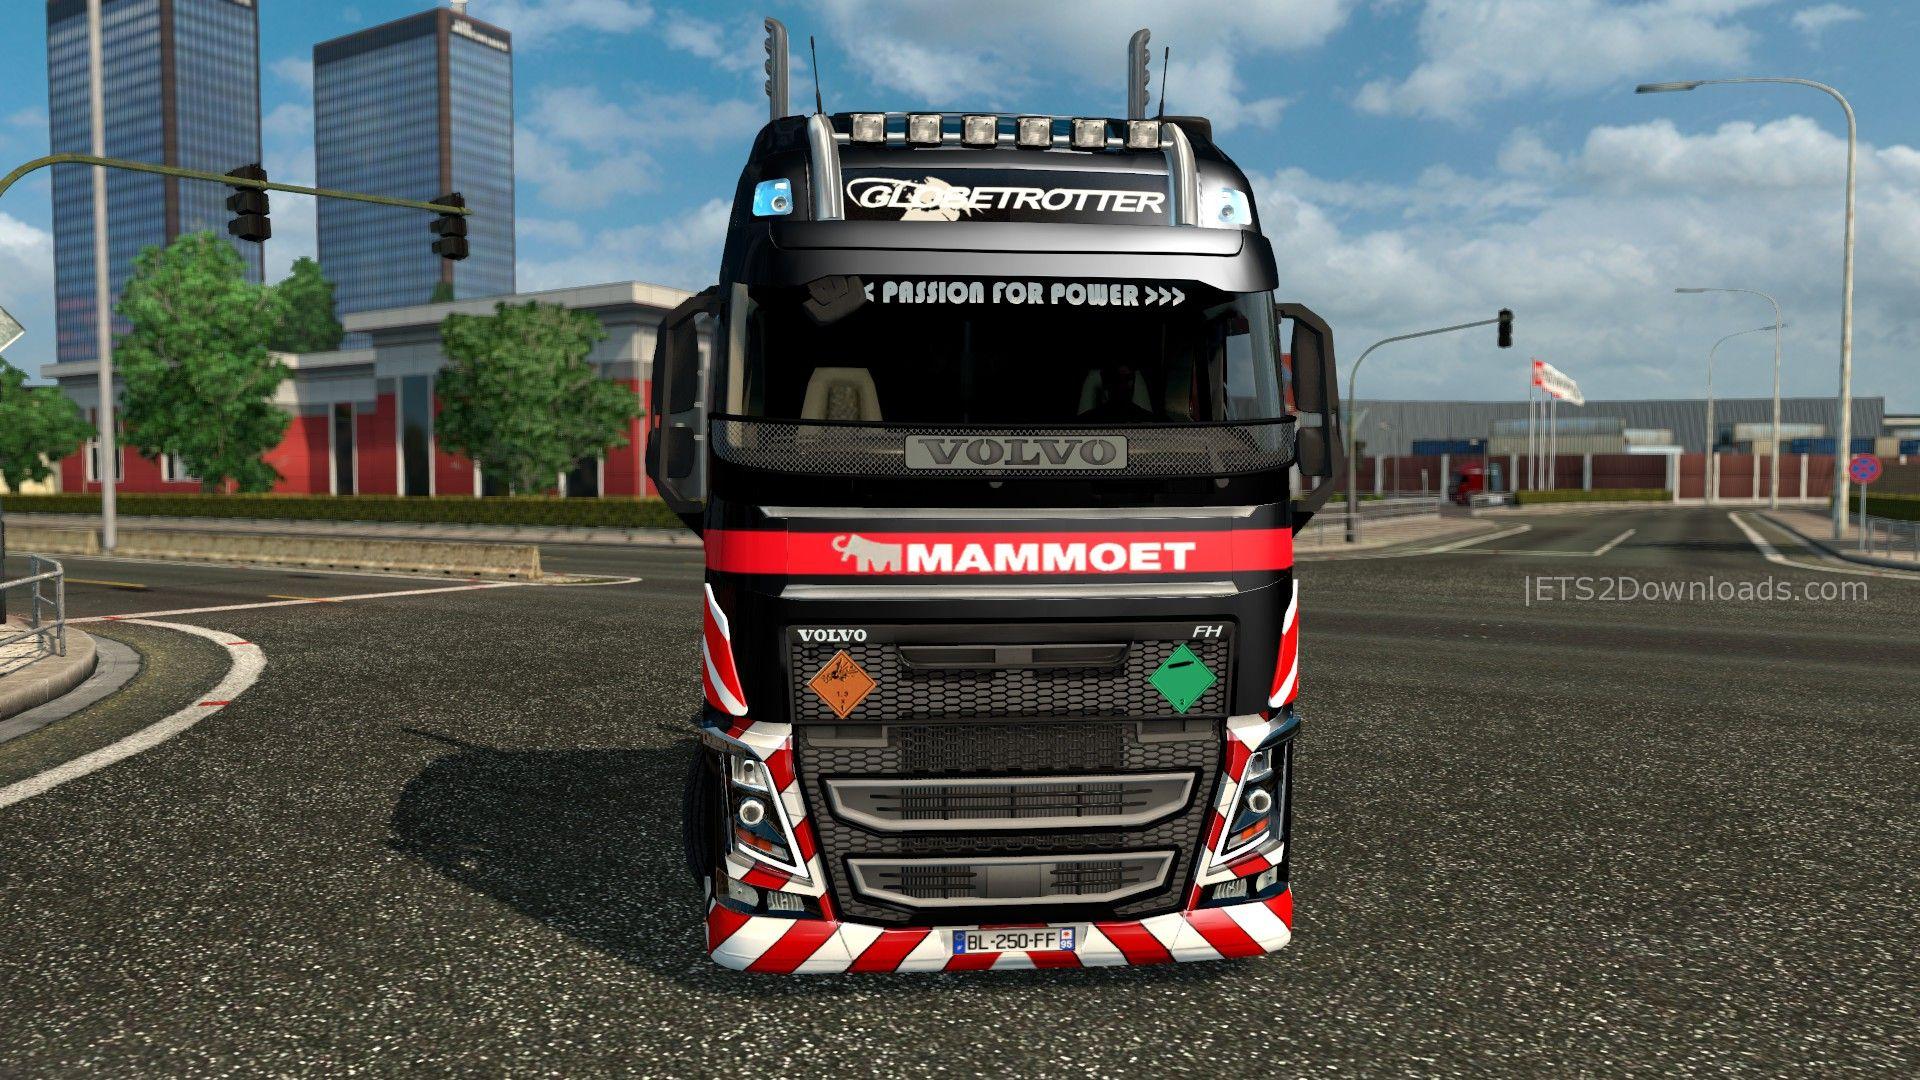 mammoet-skin-pack-for-all-trucks-2